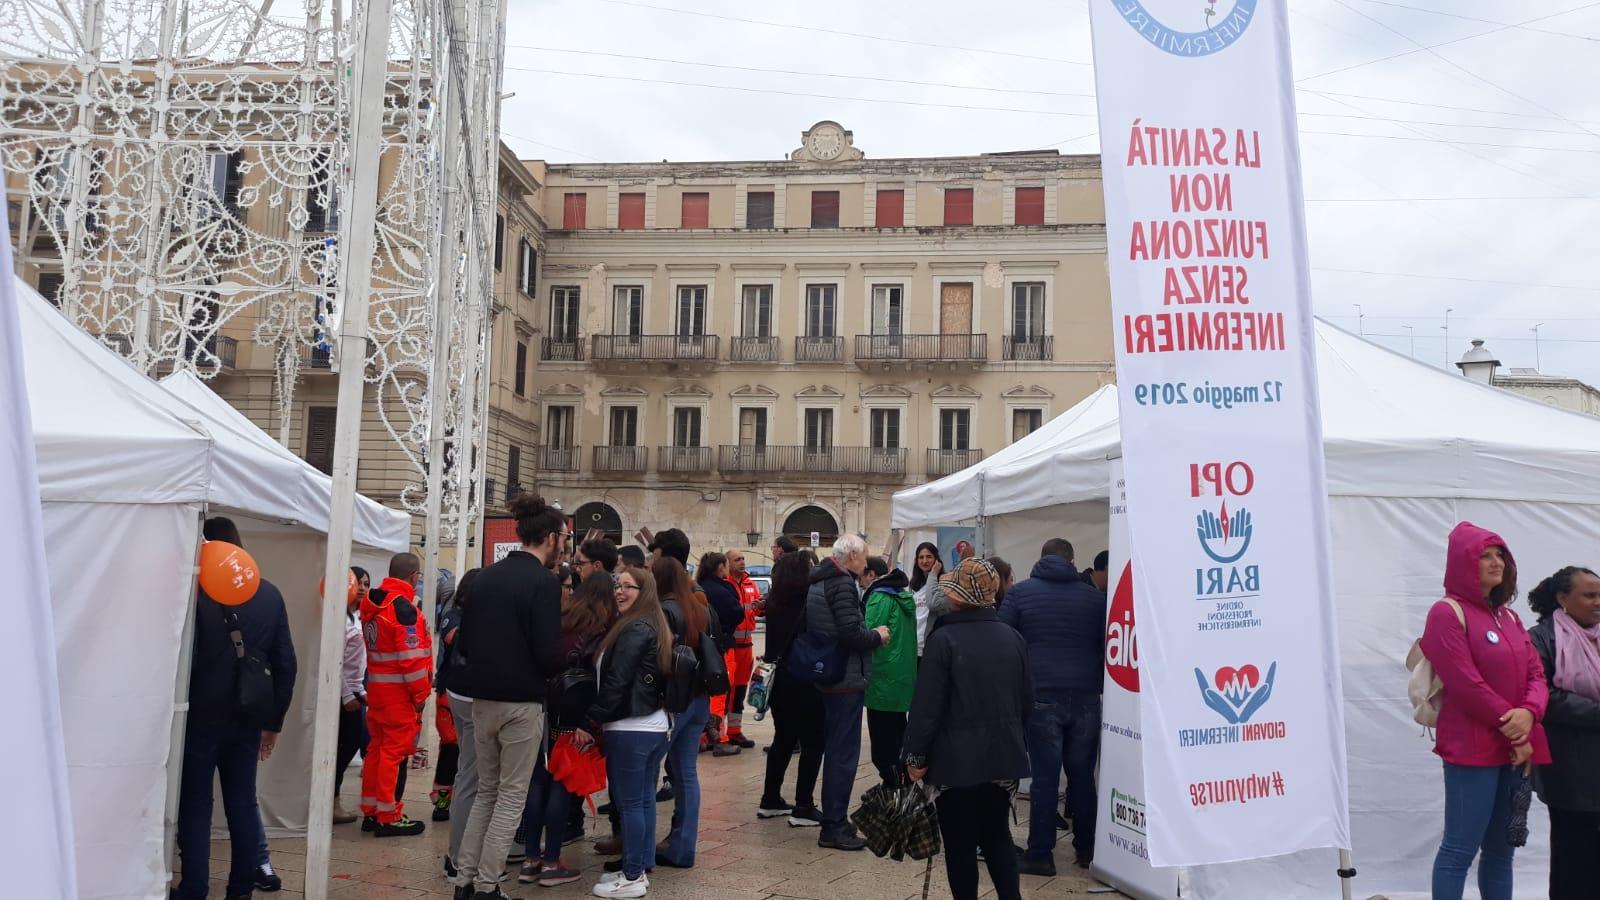 L'Opi Bari celebra la Giornata Internazionale dell'Internazionale in piazza del Ferrarese 4